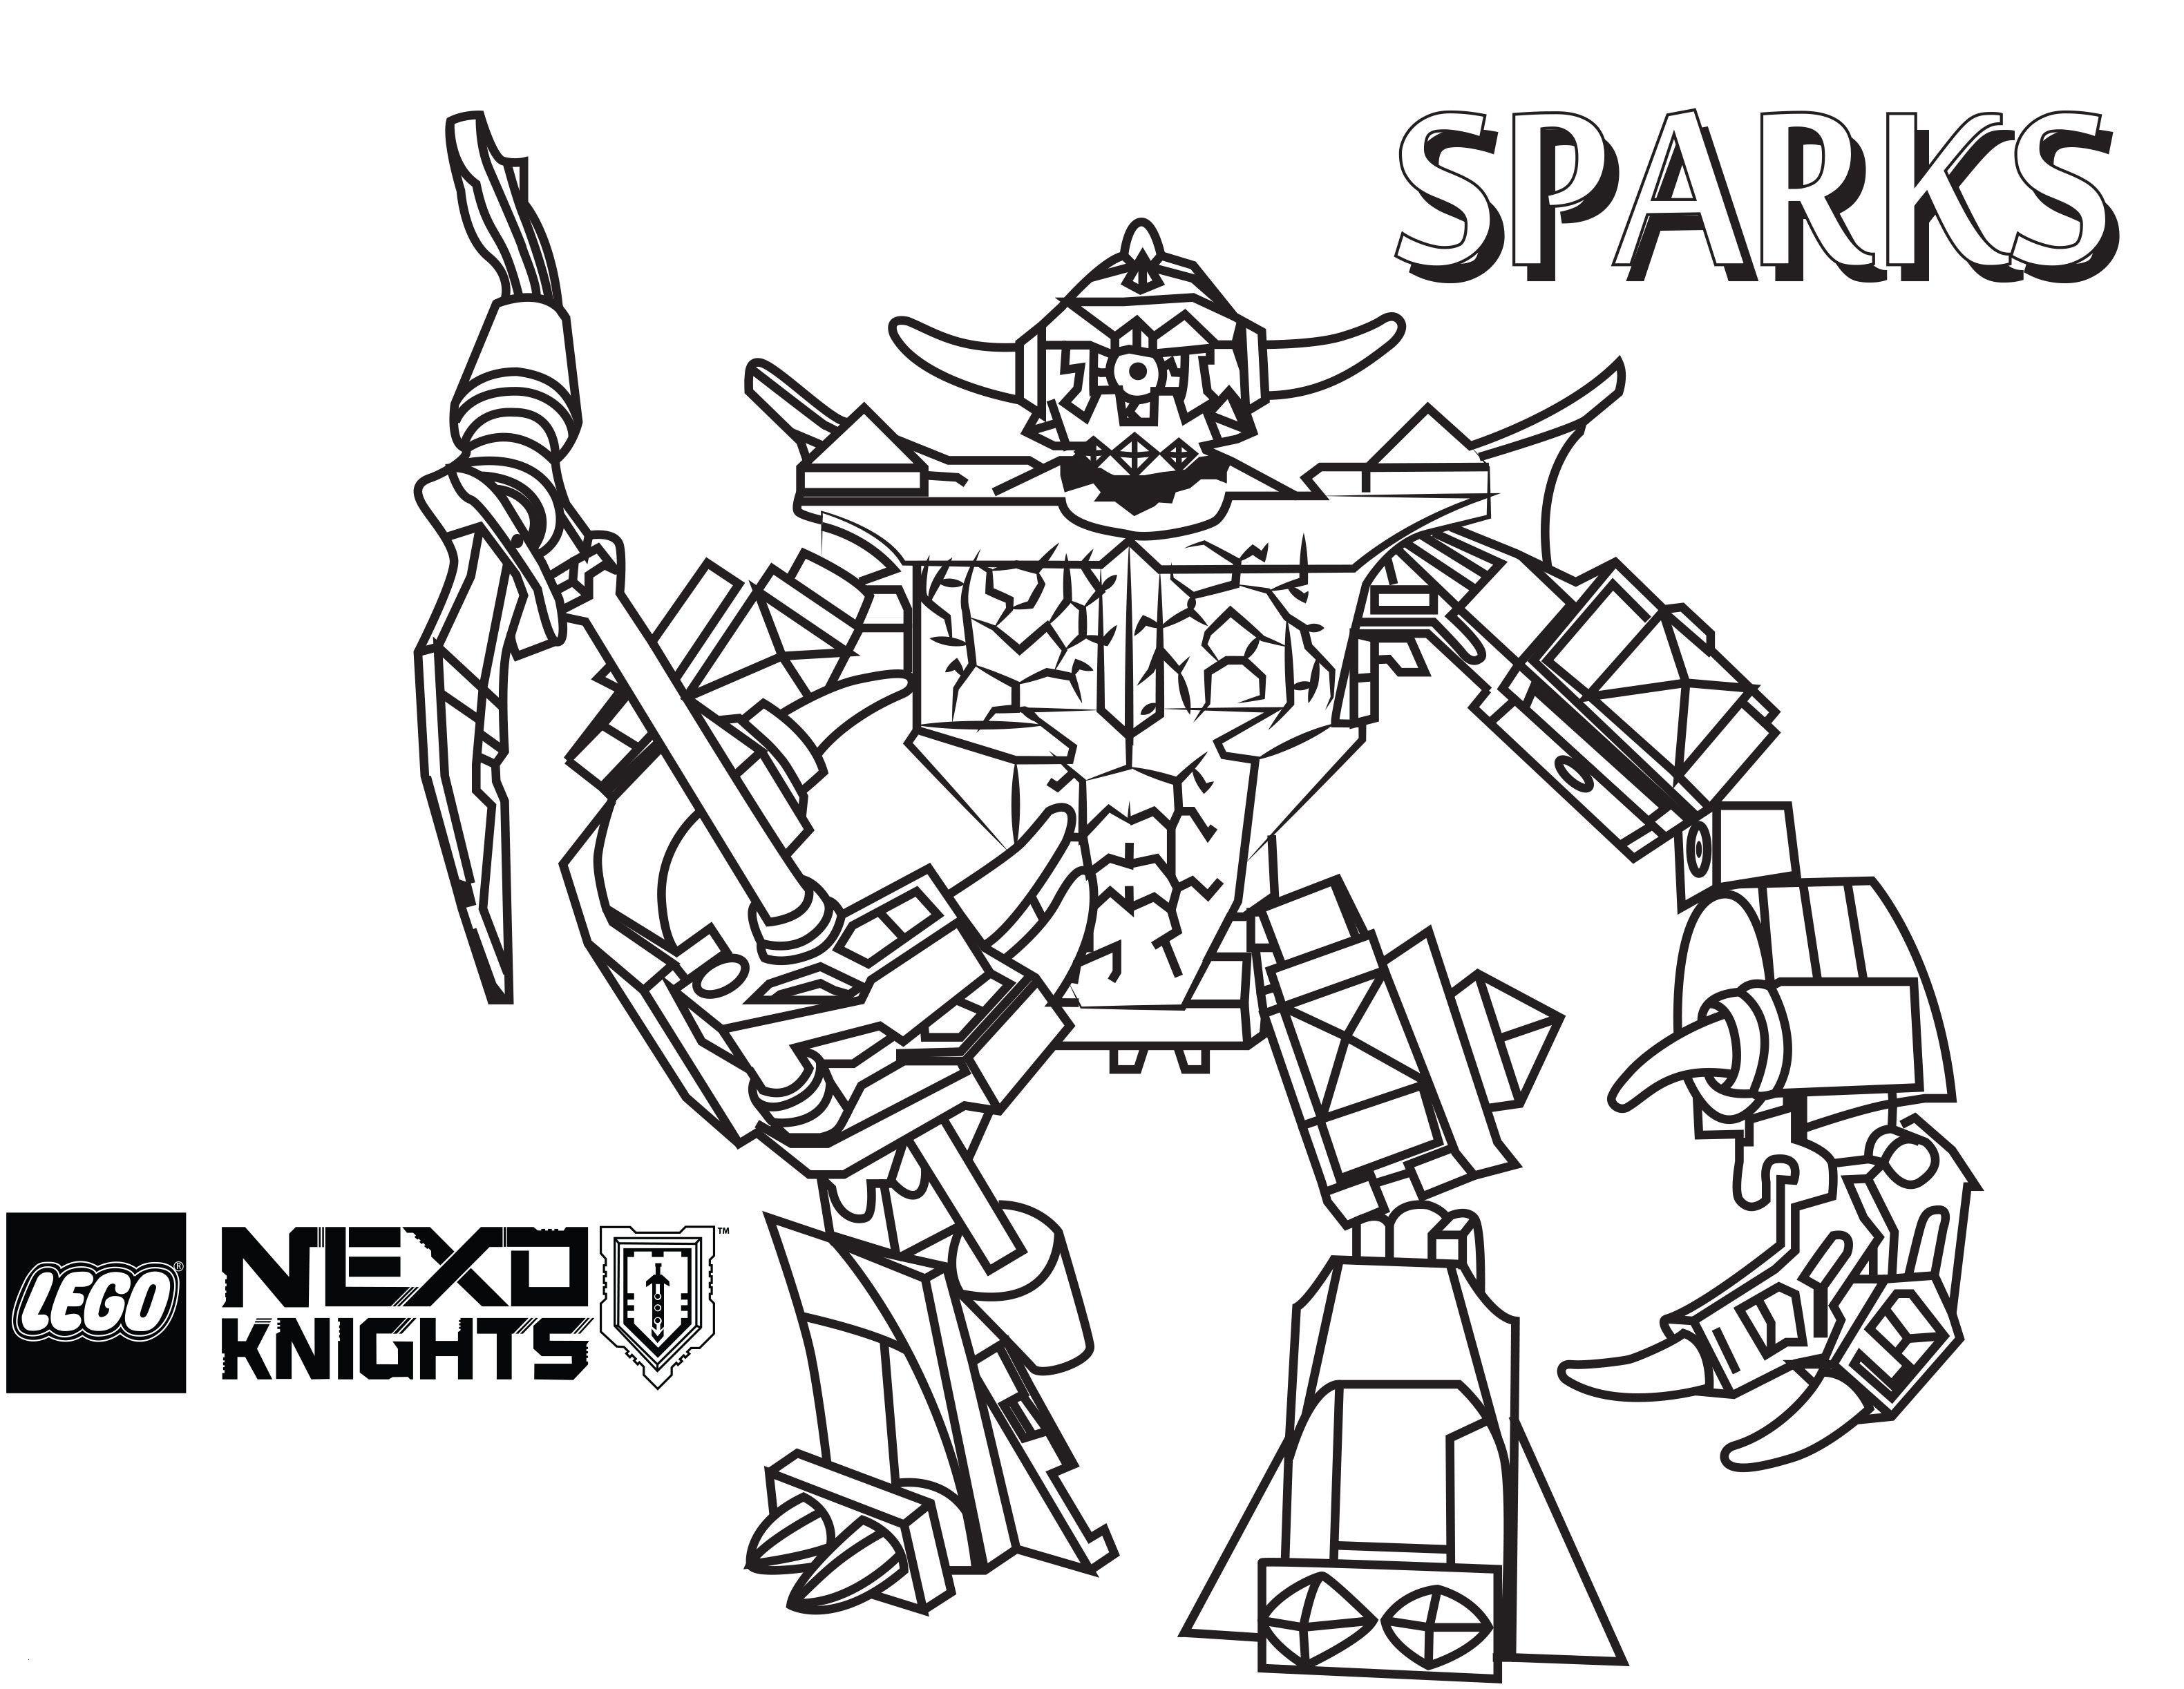 Ninjago Lego Ausmalbilder Das Beste Von Nexo Knights Ausmalbilder Zum Drucken Genial Lego Ninjago Frisch Bilder